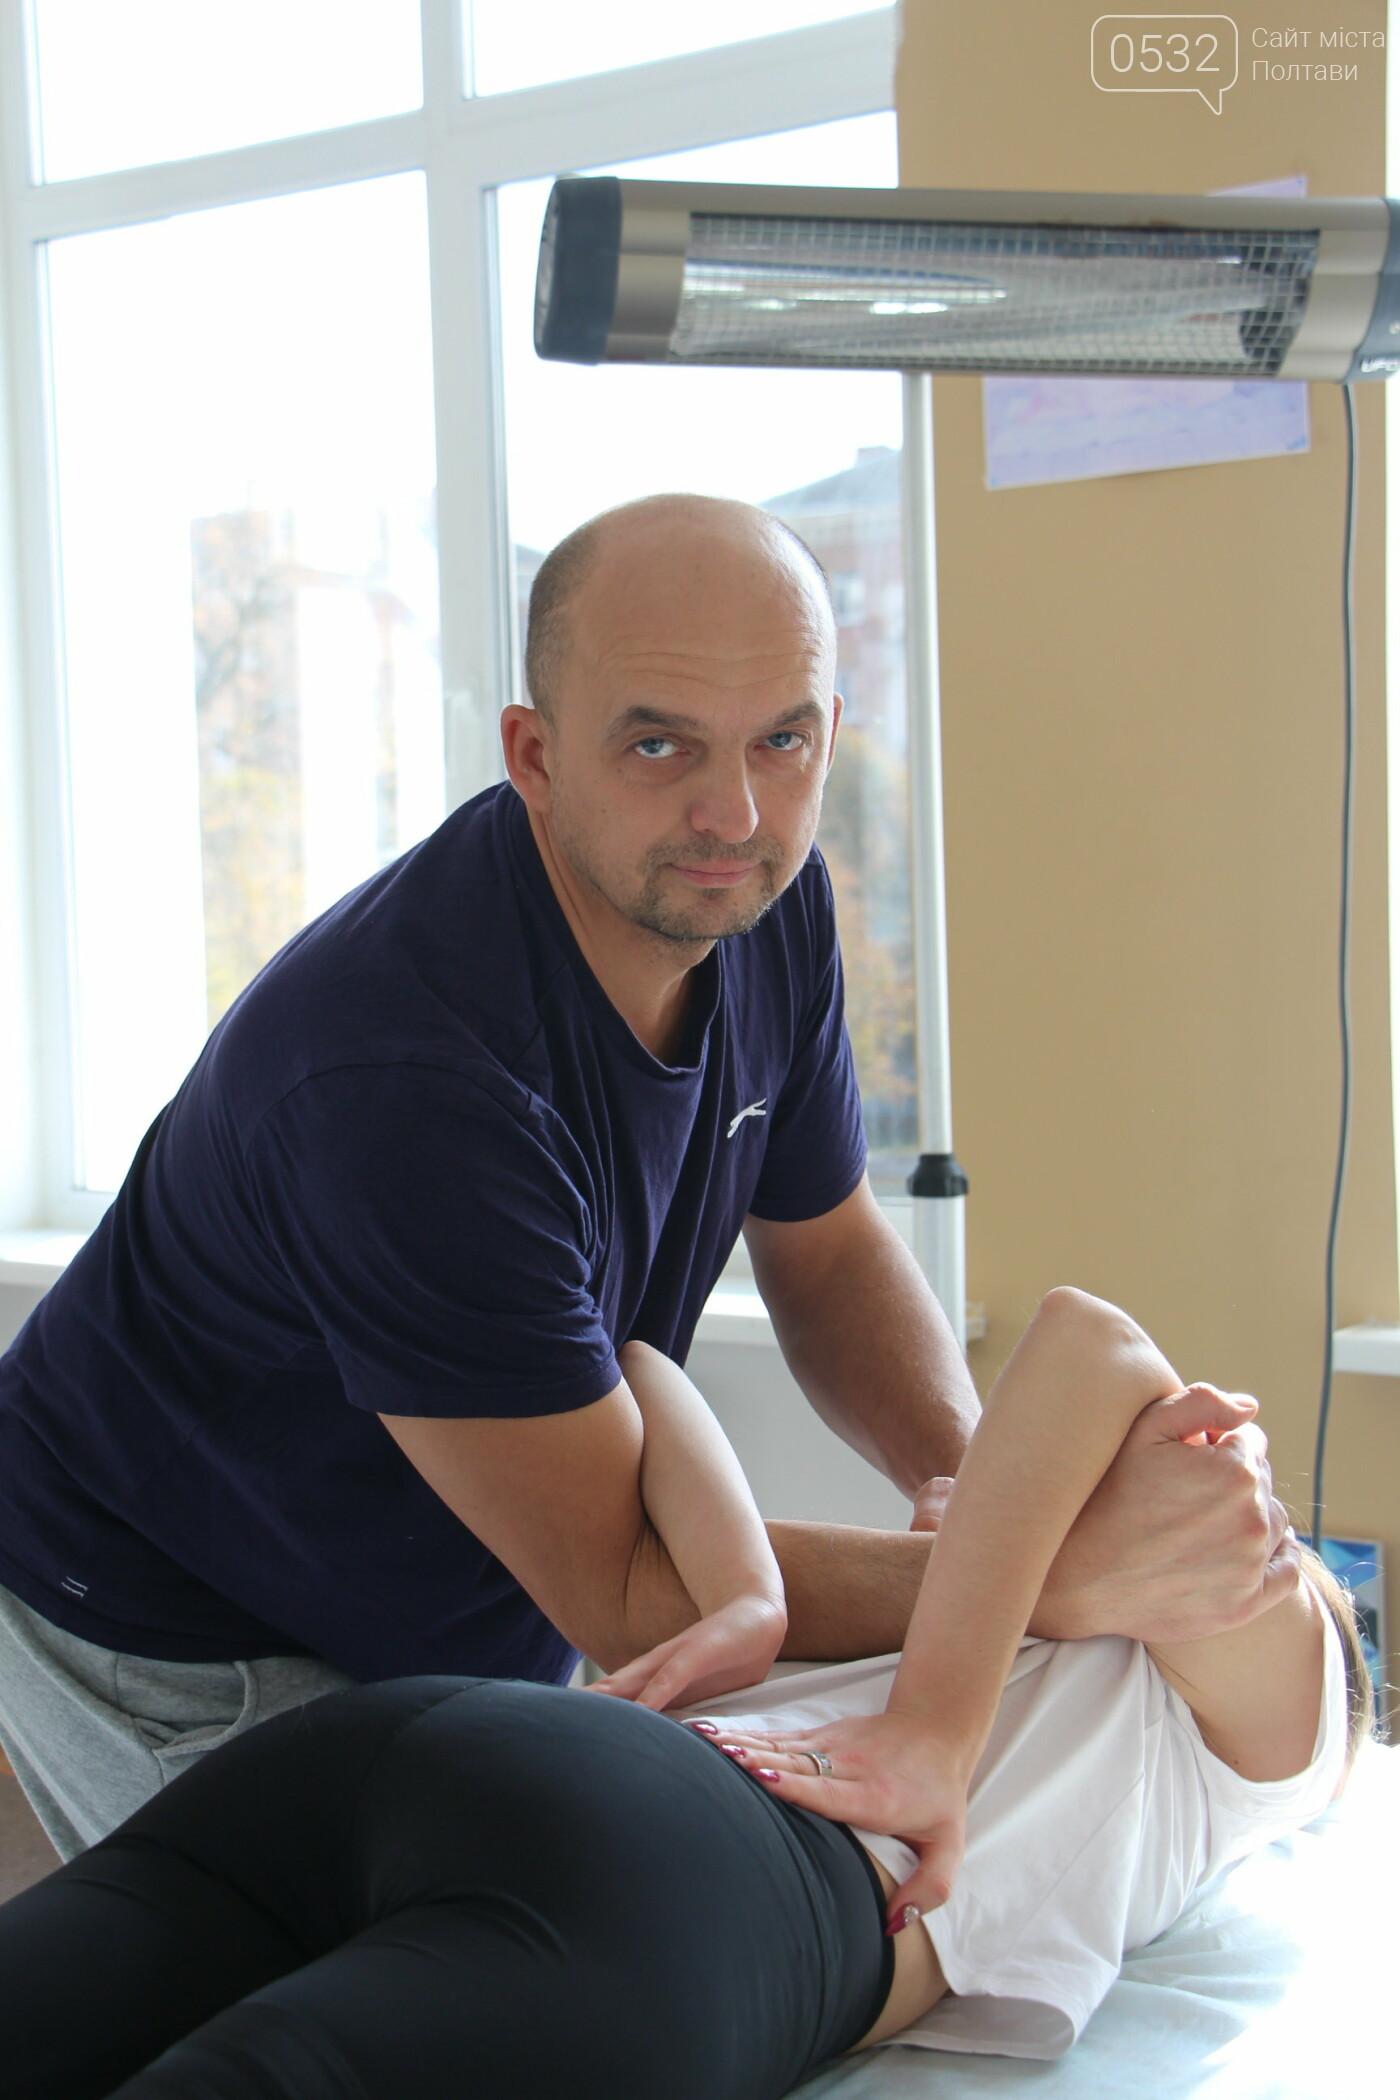 Максим Догадін - полтавський майстер з йога-масажу